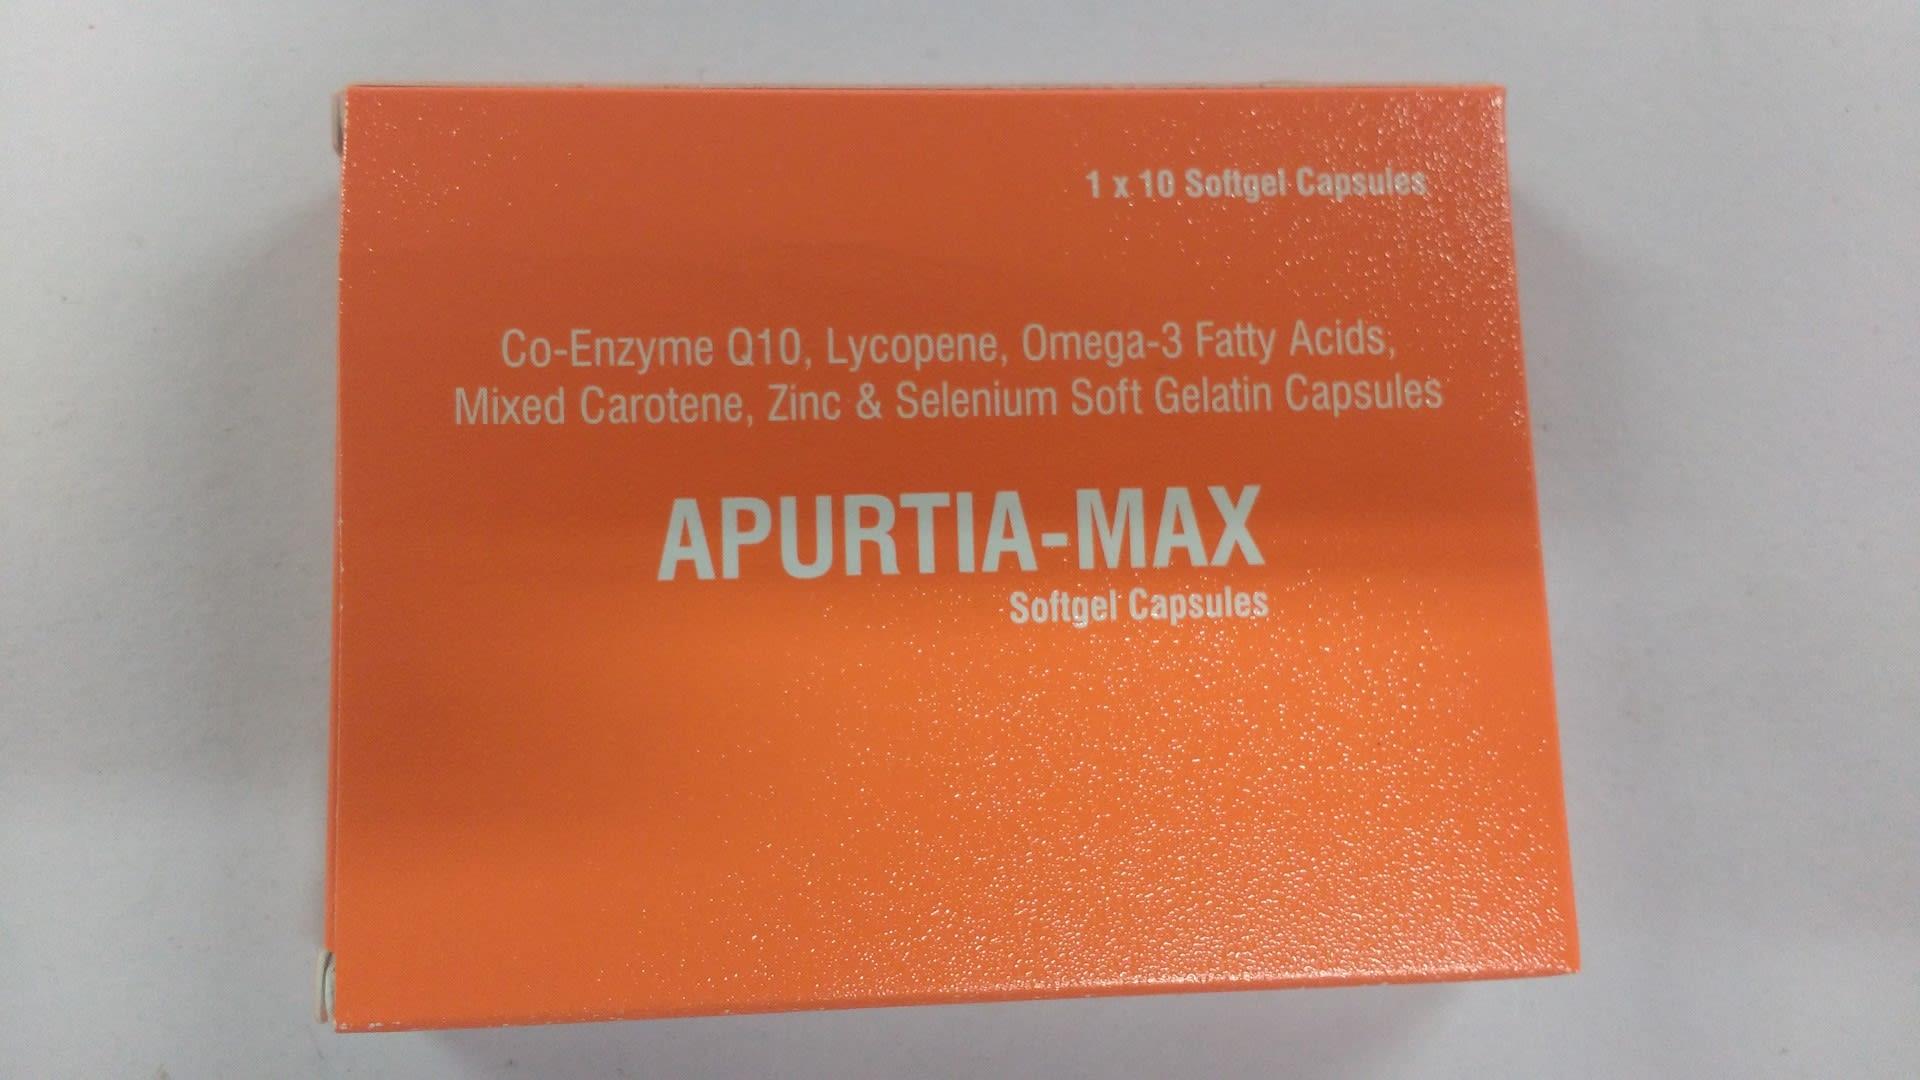 Apurtia-Max Soft Gelatin Capsule